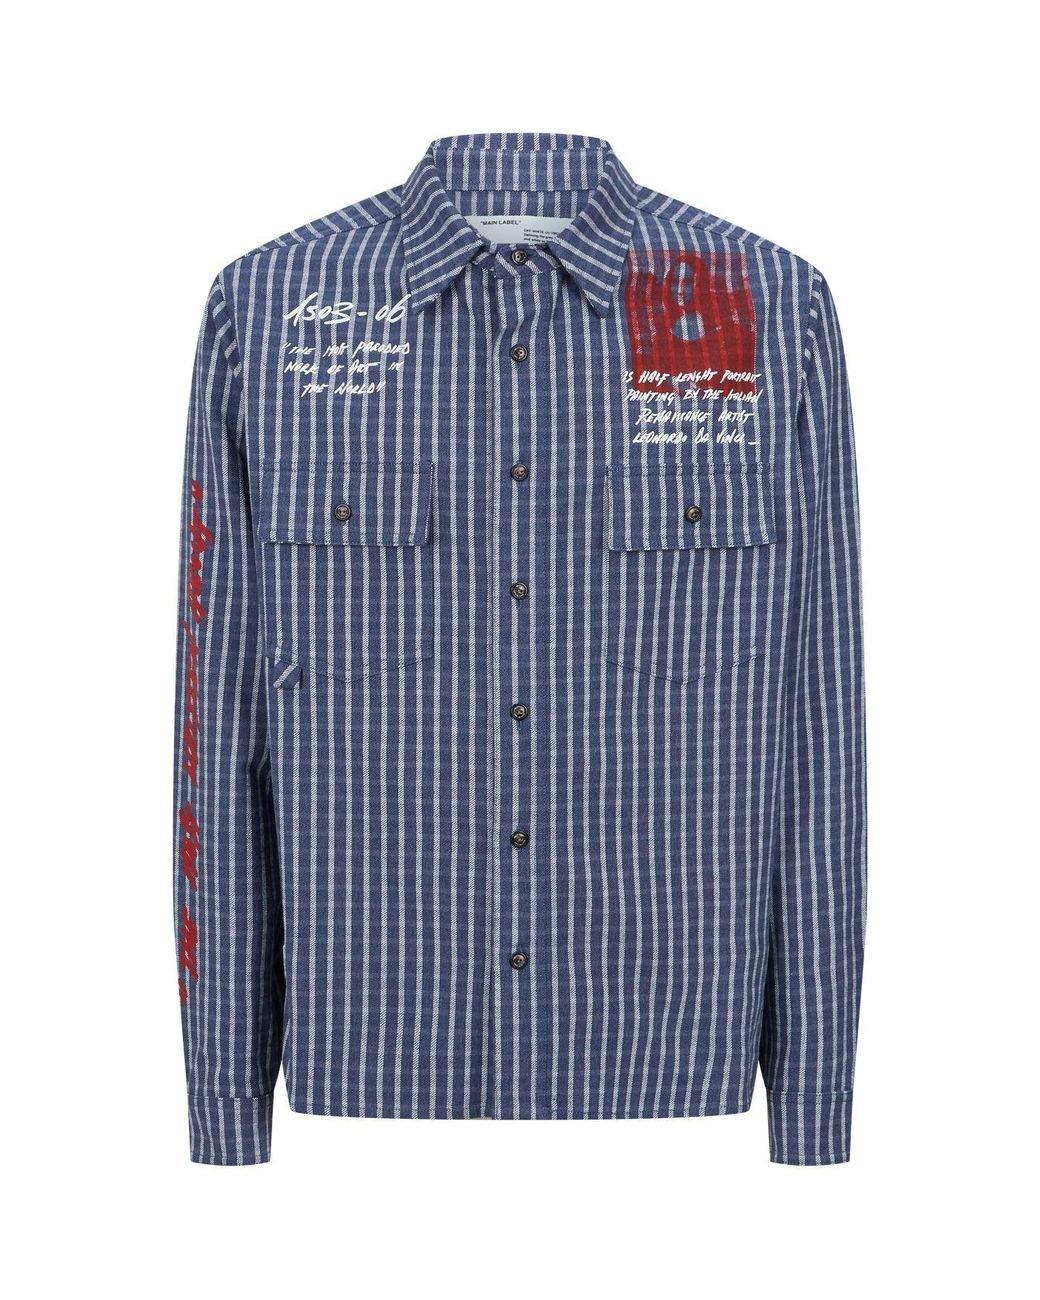 962cd72b026 Off-White c/o Virgil Abloh Checked Monalisa Shirt in Blue for Men ...